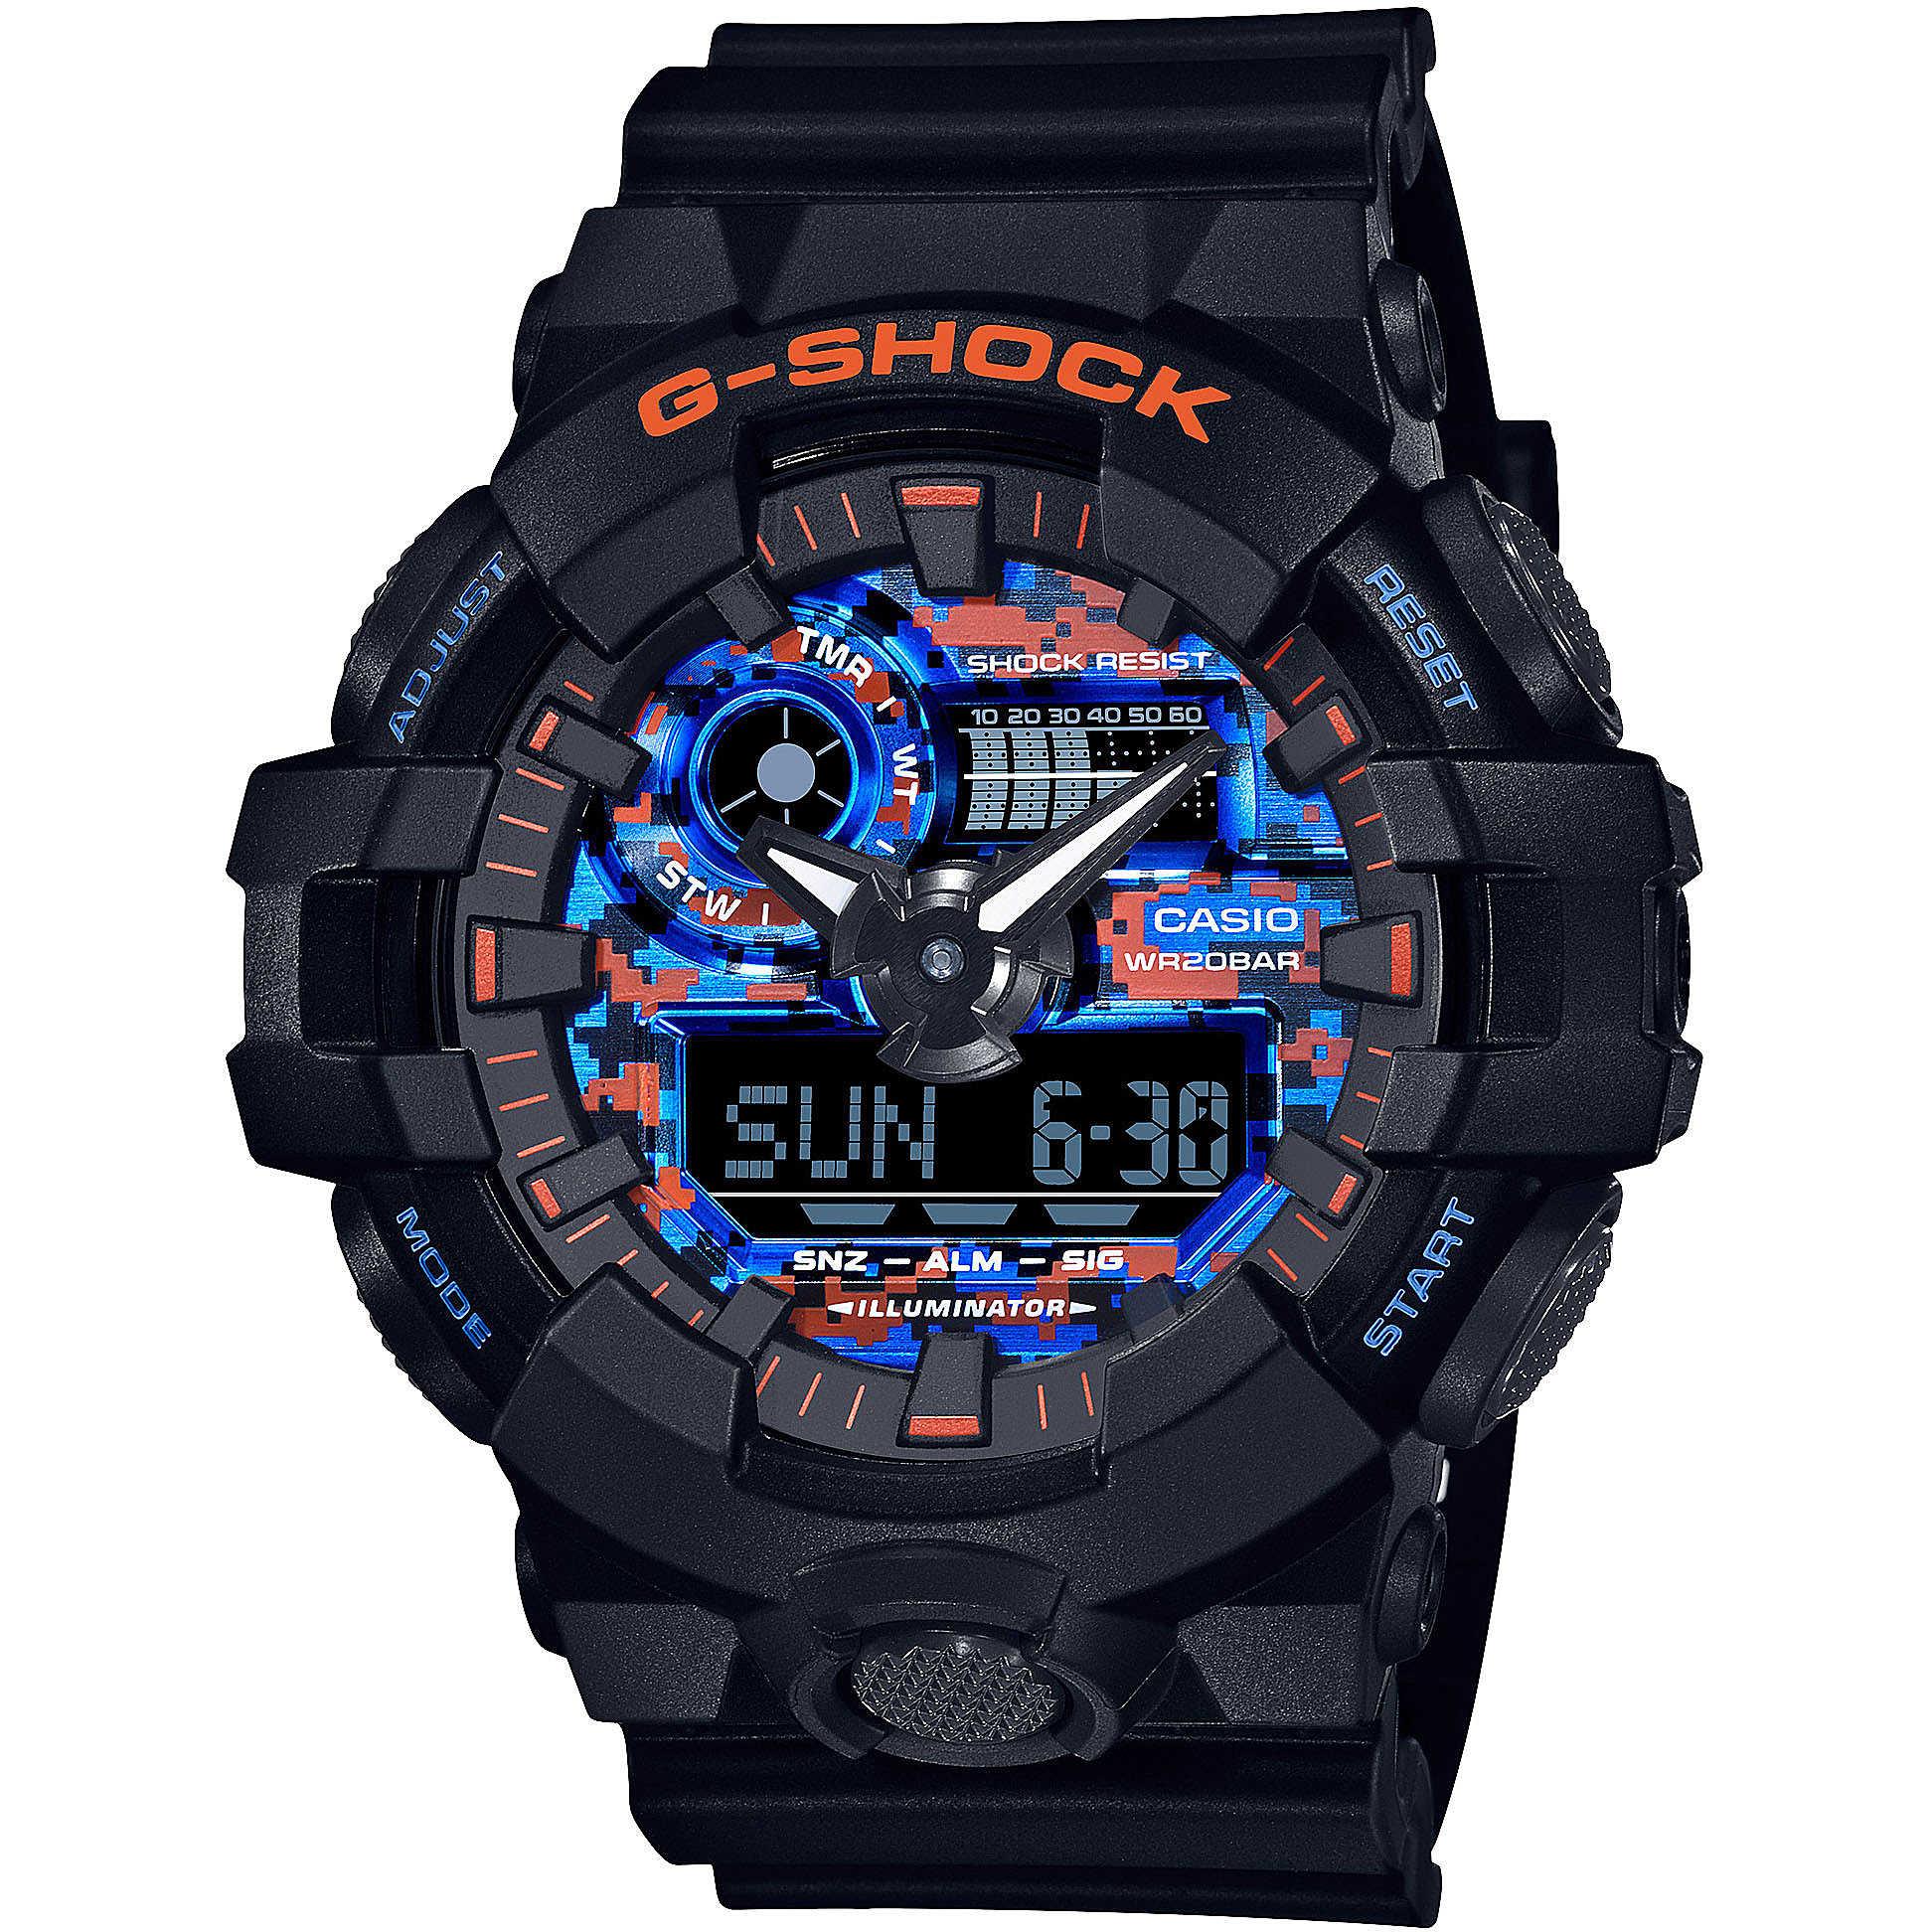 Casio orologio multifunzione uomo Casio G-Shock